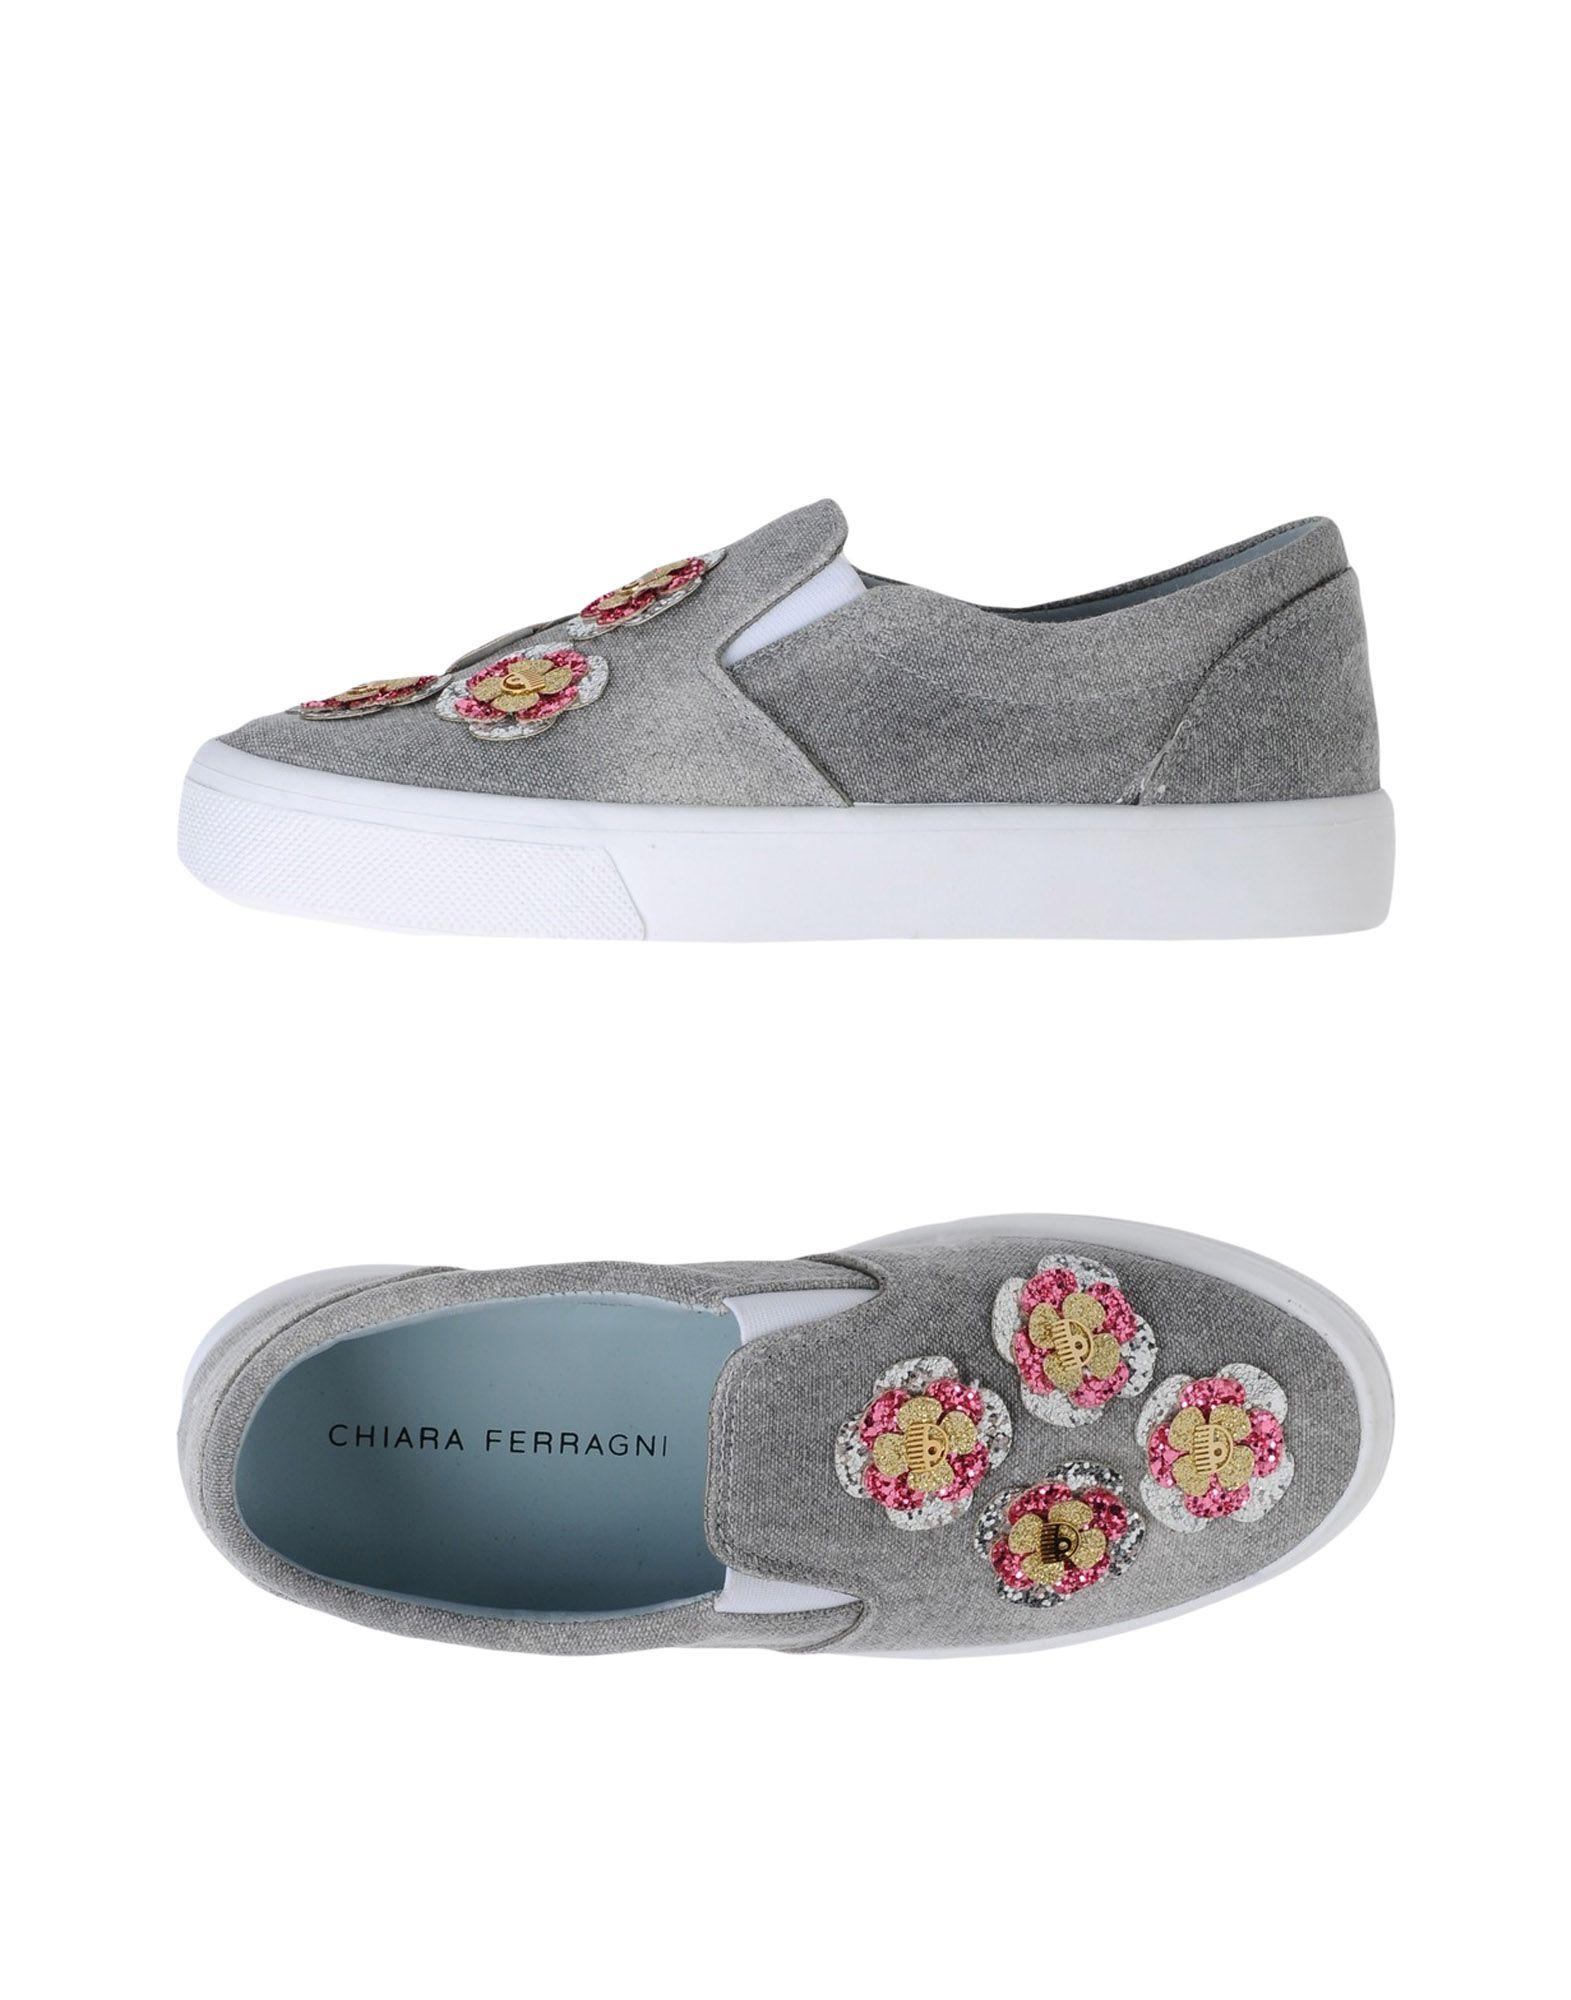 Chiara Ferragni Sneakers Damen  11337025CP Gute Qualität beliebte Schuhe